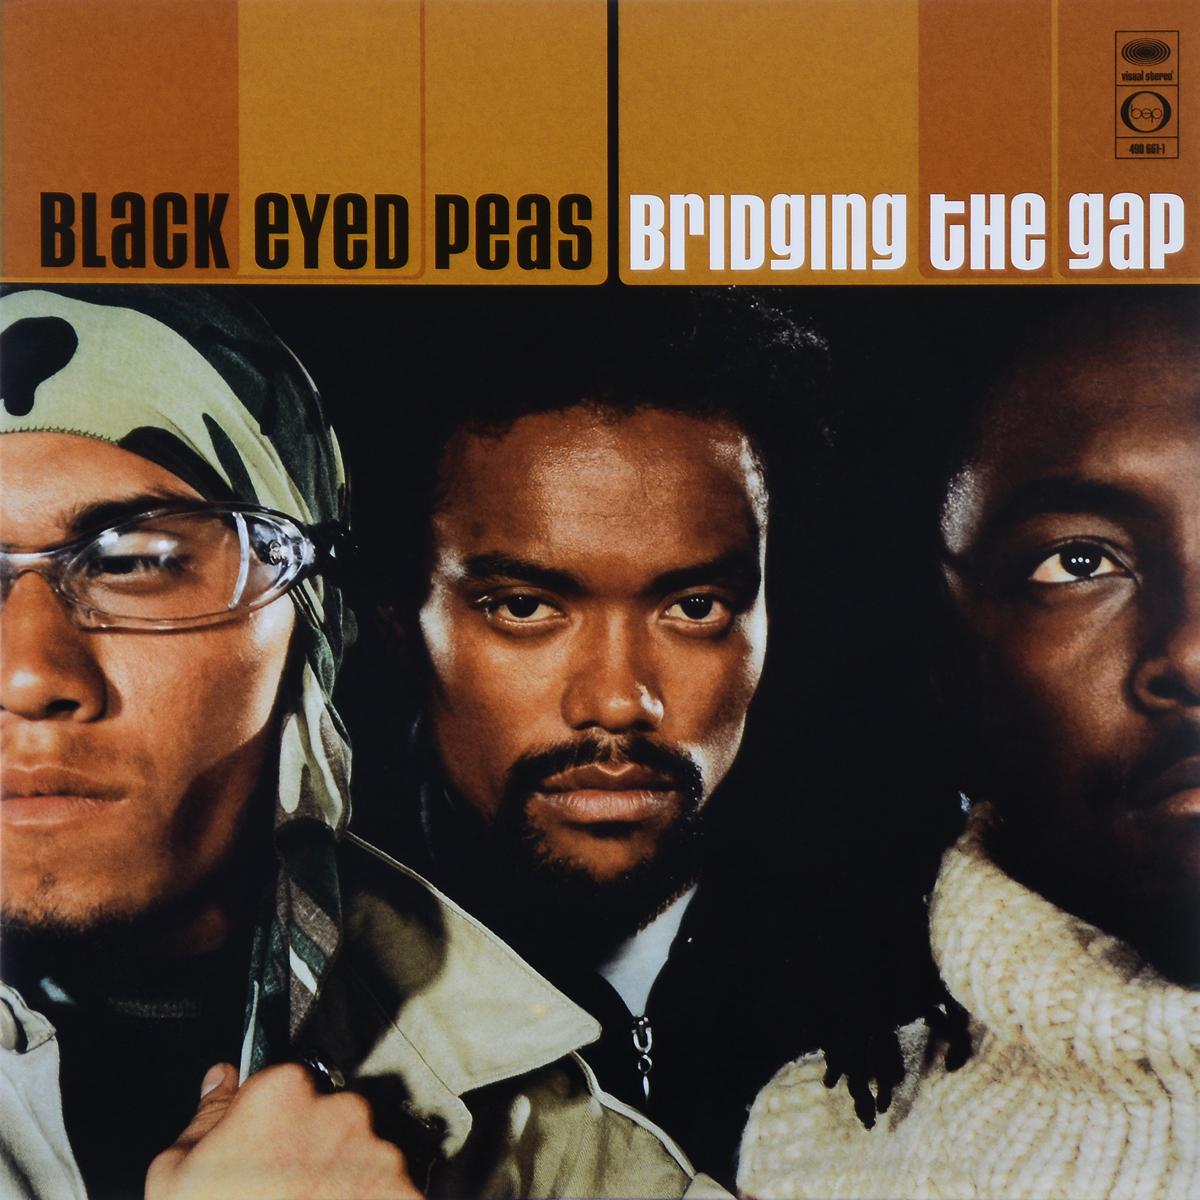 The Black Eyed Peas Black Eyed Peas. The Bridging The Gap (2 LP) black eyed peas black eyed peas elephunk 2 lp